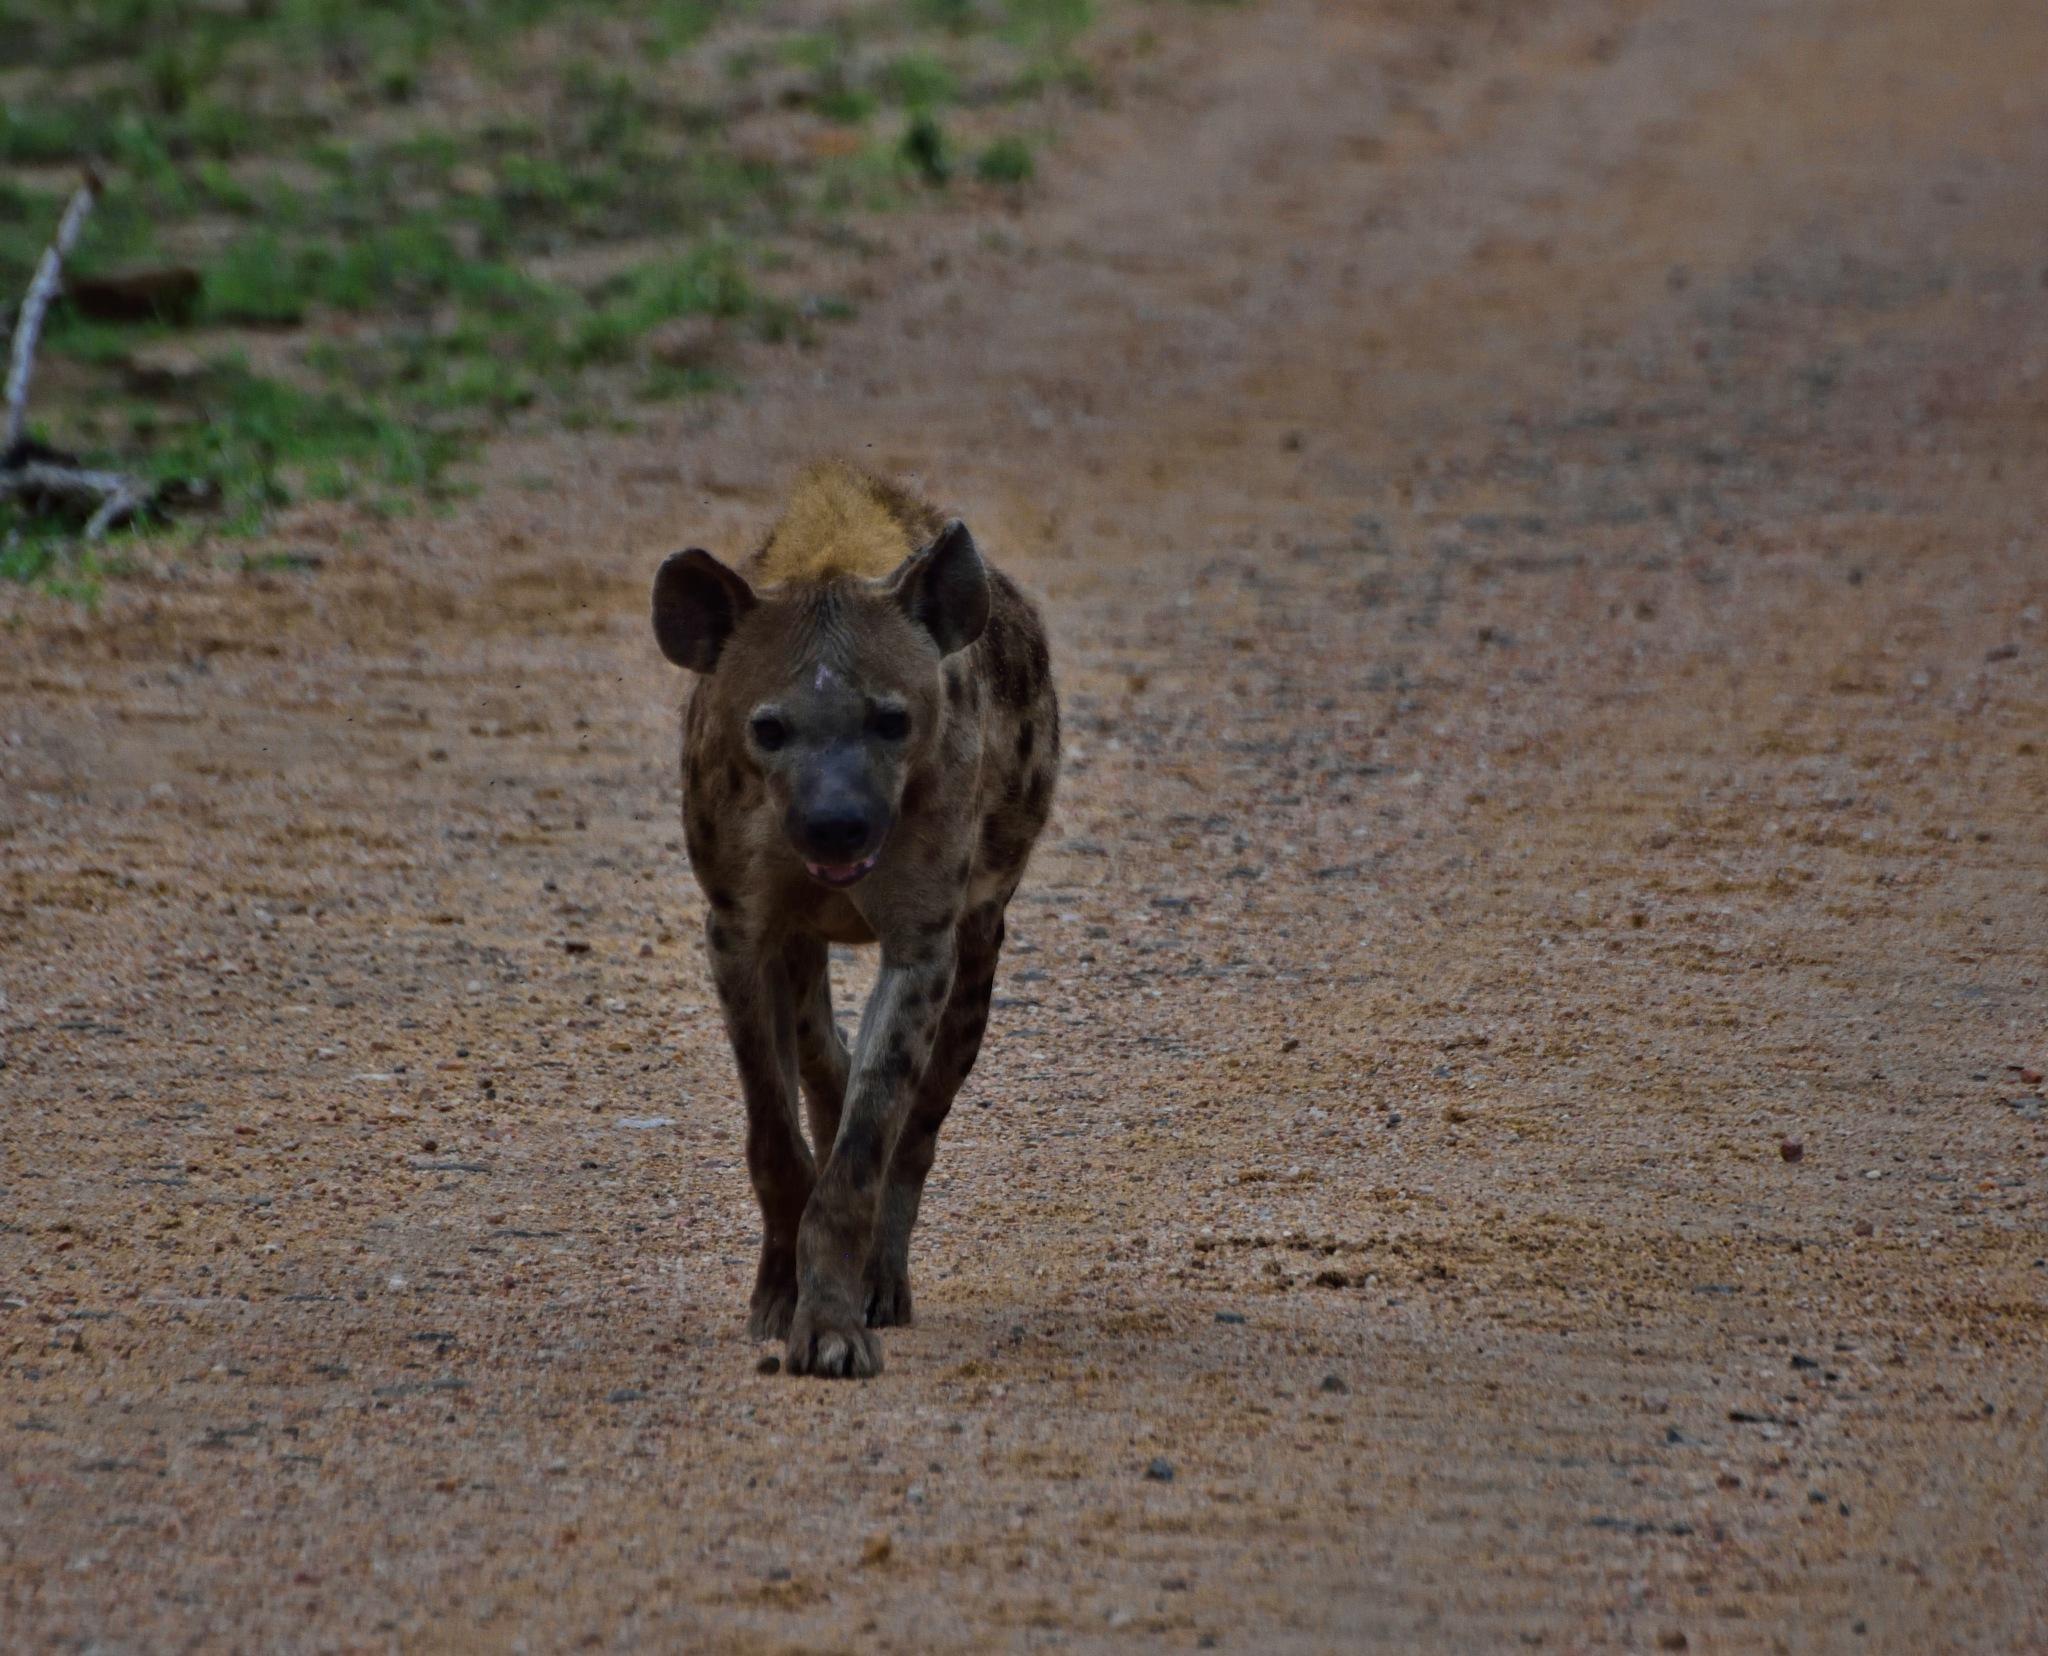 South Africa - Kruger Park (285) Spotted Hyena by Derek Clarke